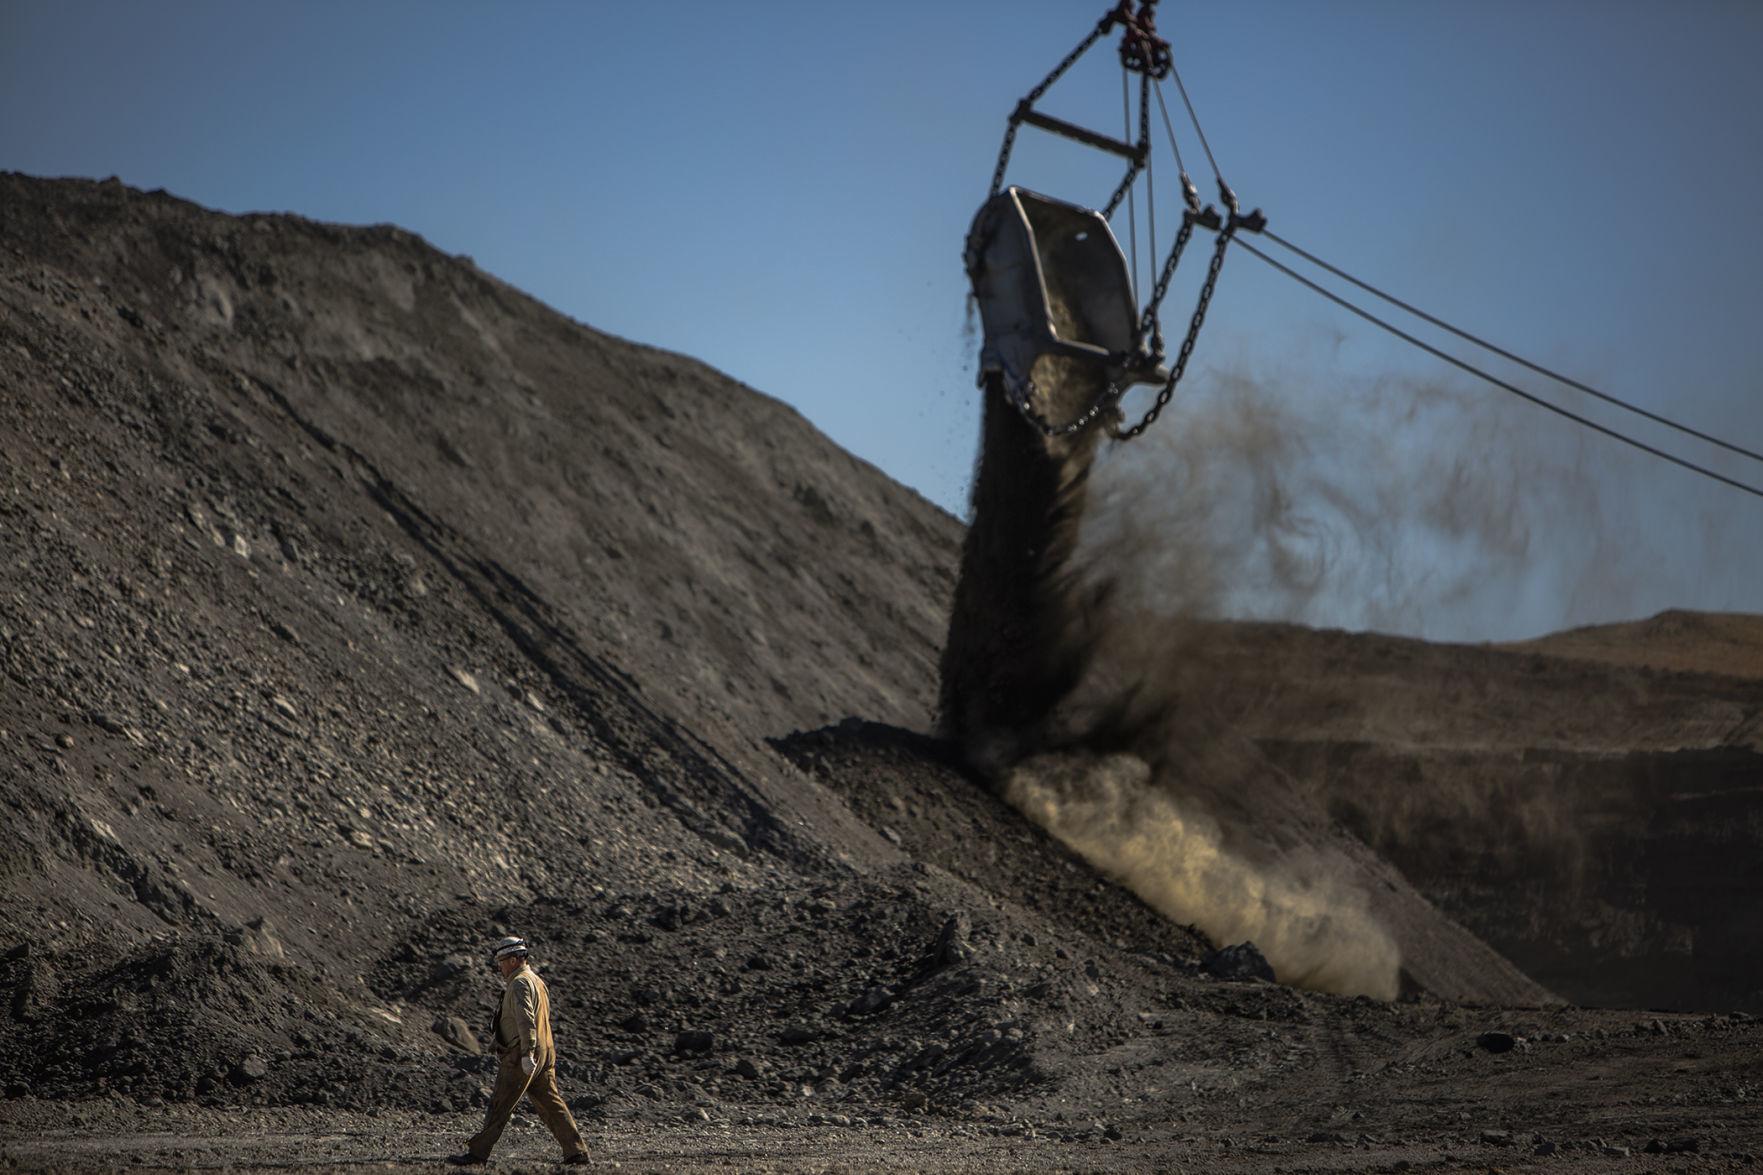 Một số điều cần biết về tài nguyên khoáng sản